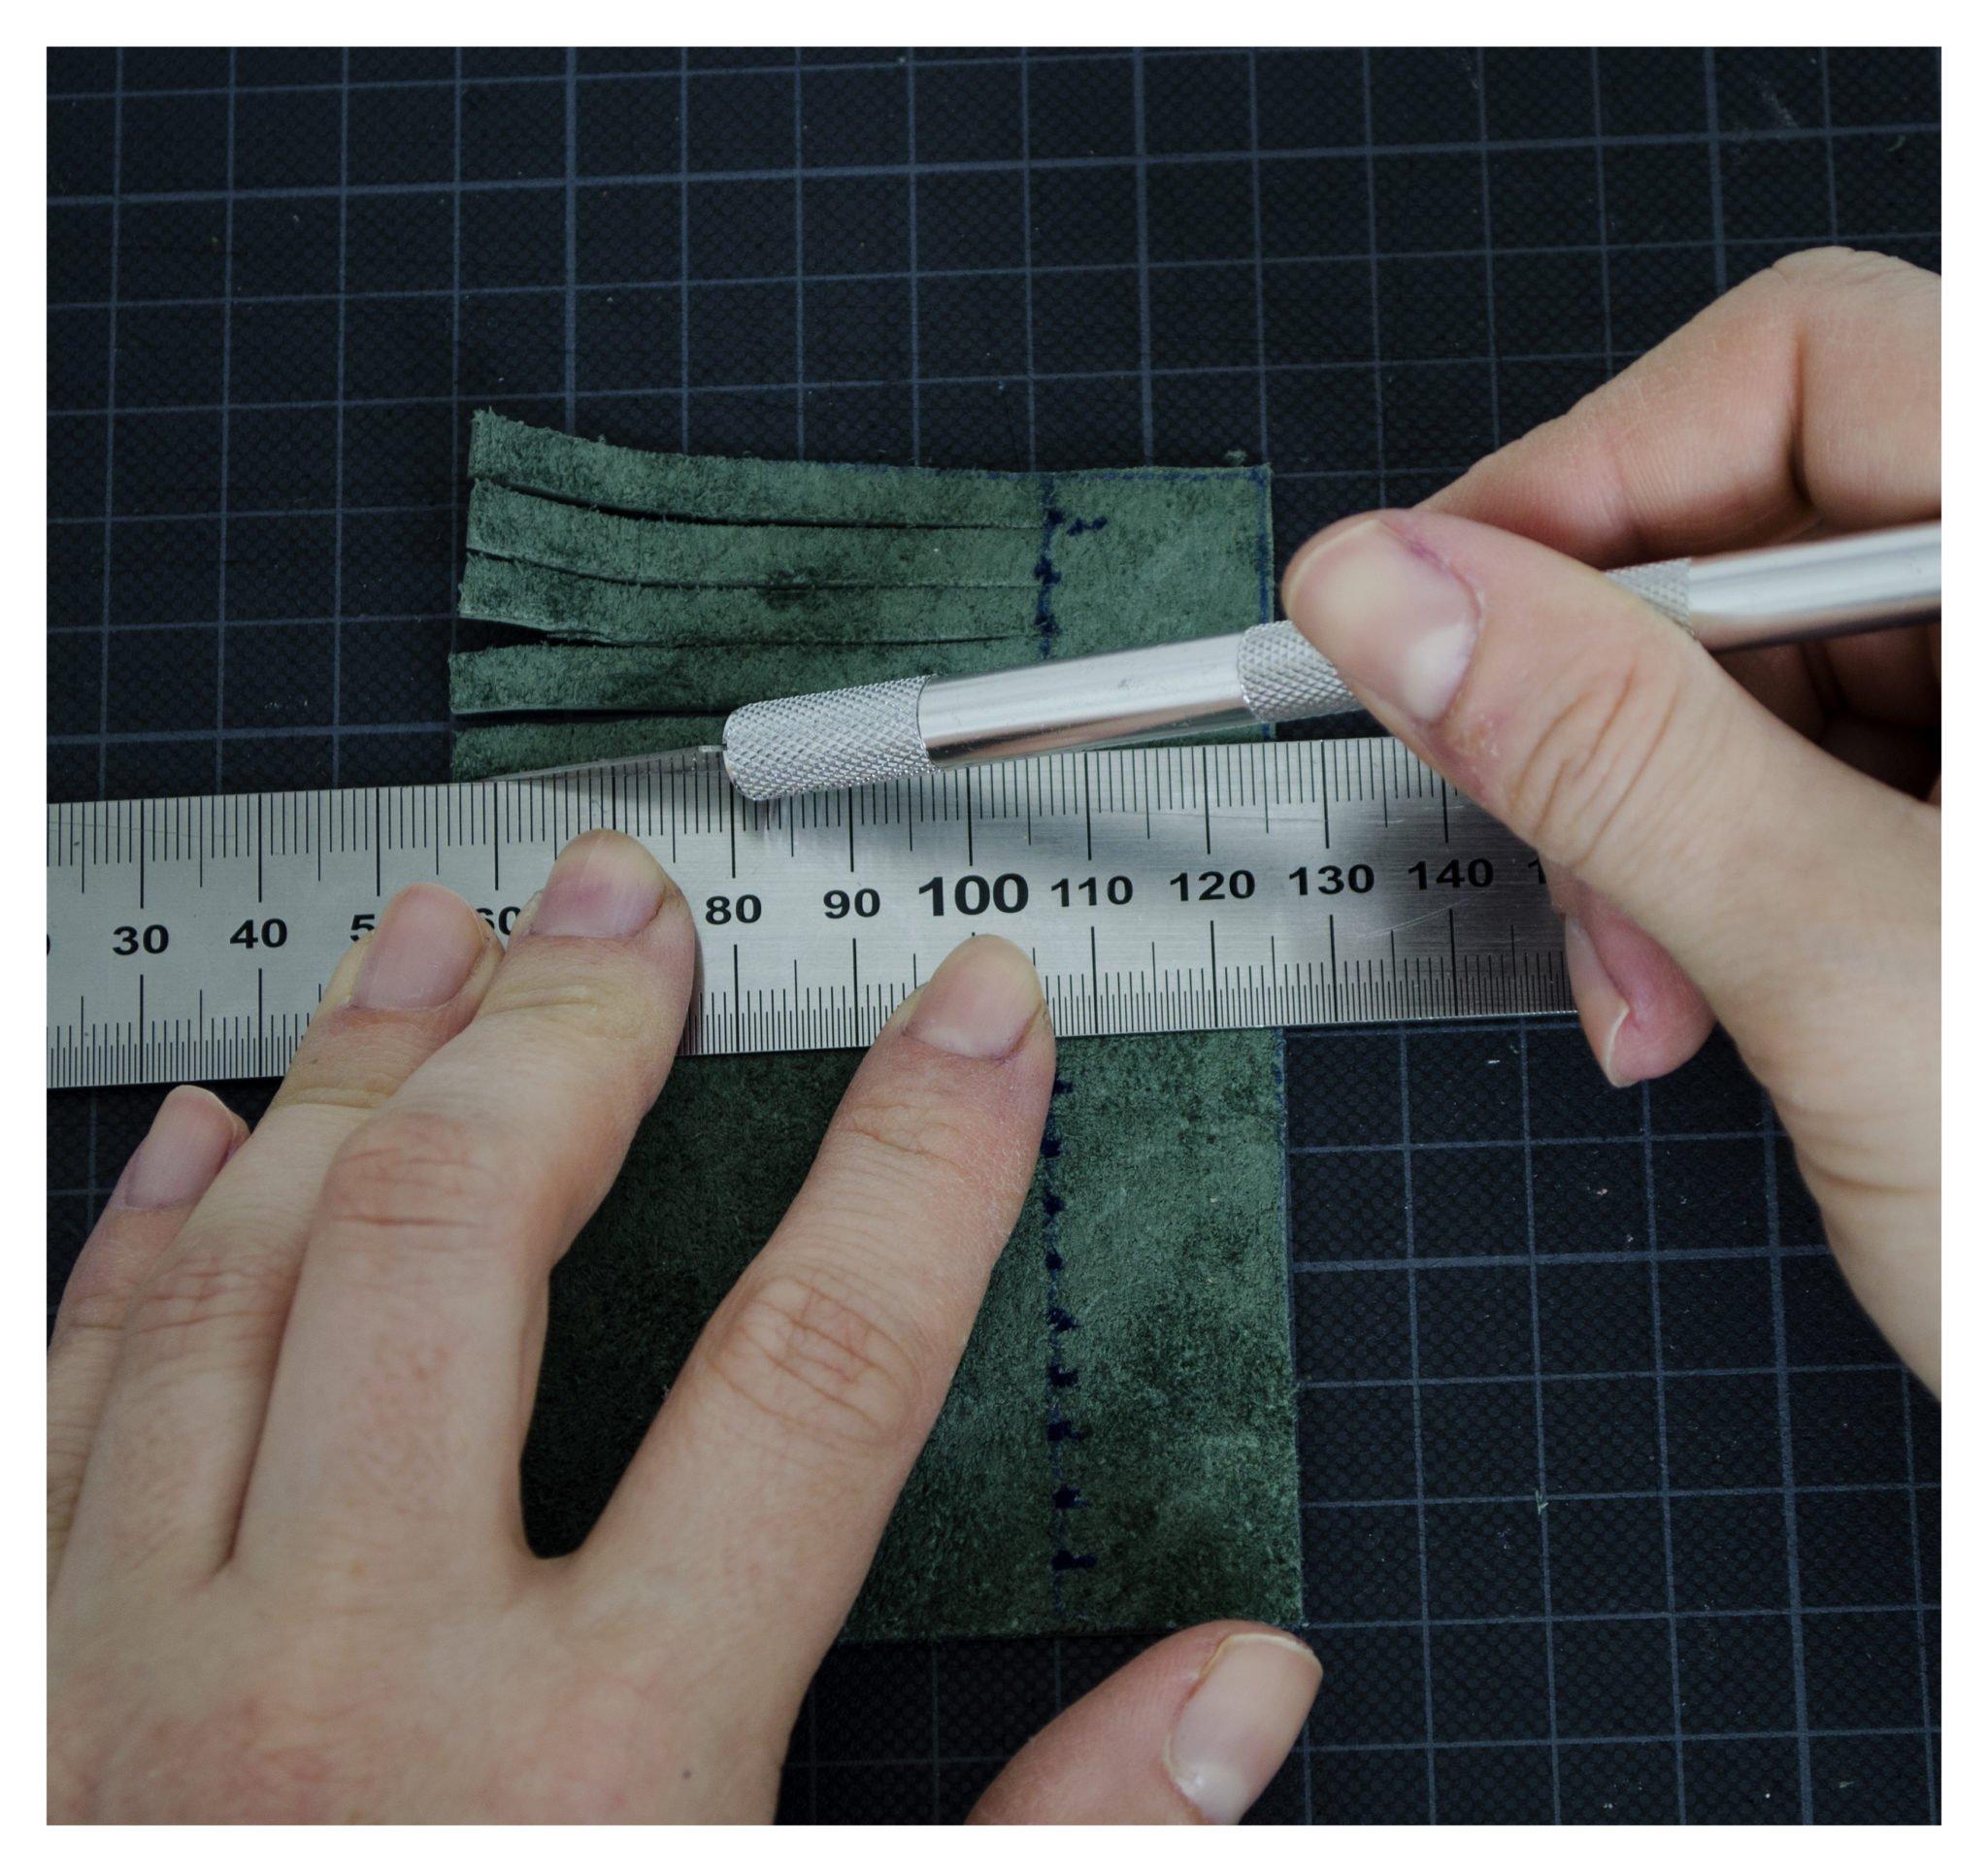 Lederstreifen zuschneiden für Lederquasten DIY